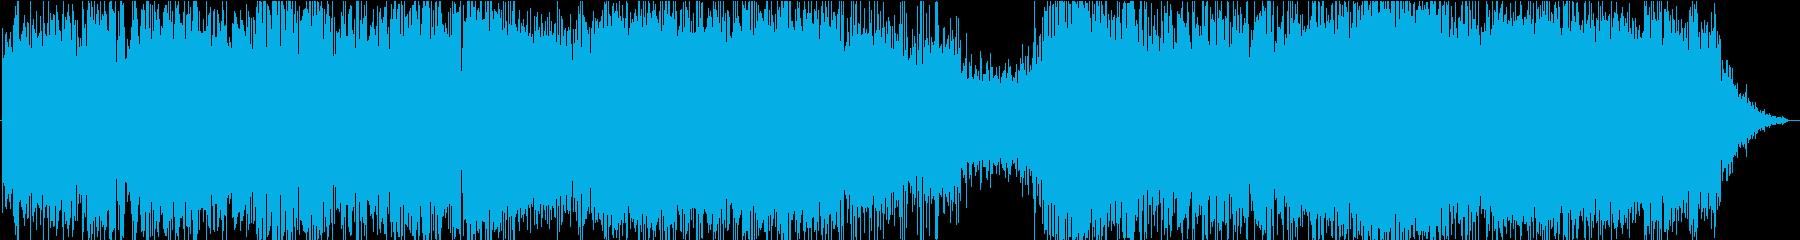 ドローン ミスタービーム01の再生済みの波形